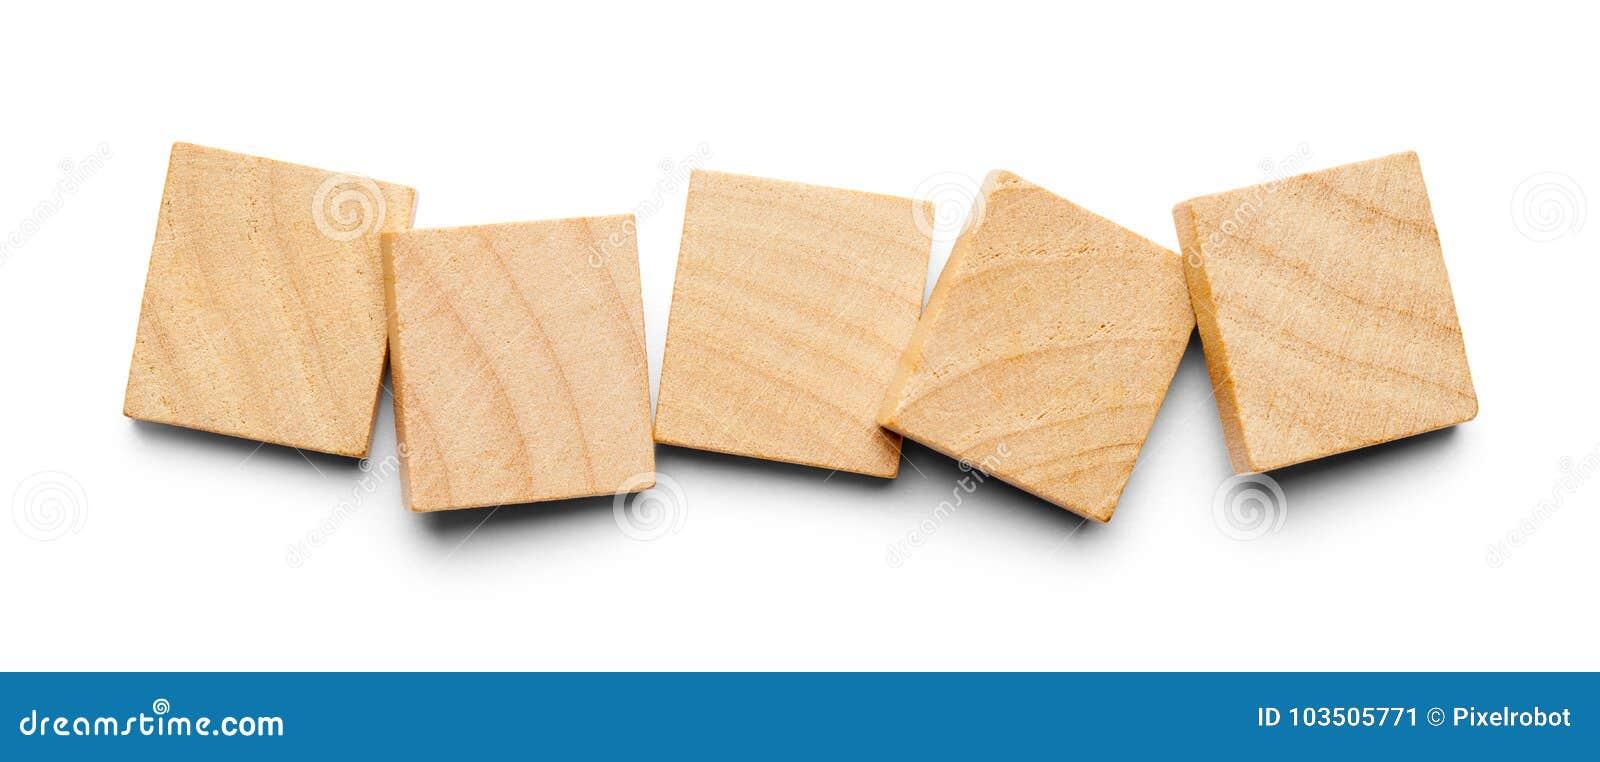 Cinq tuiles en bois